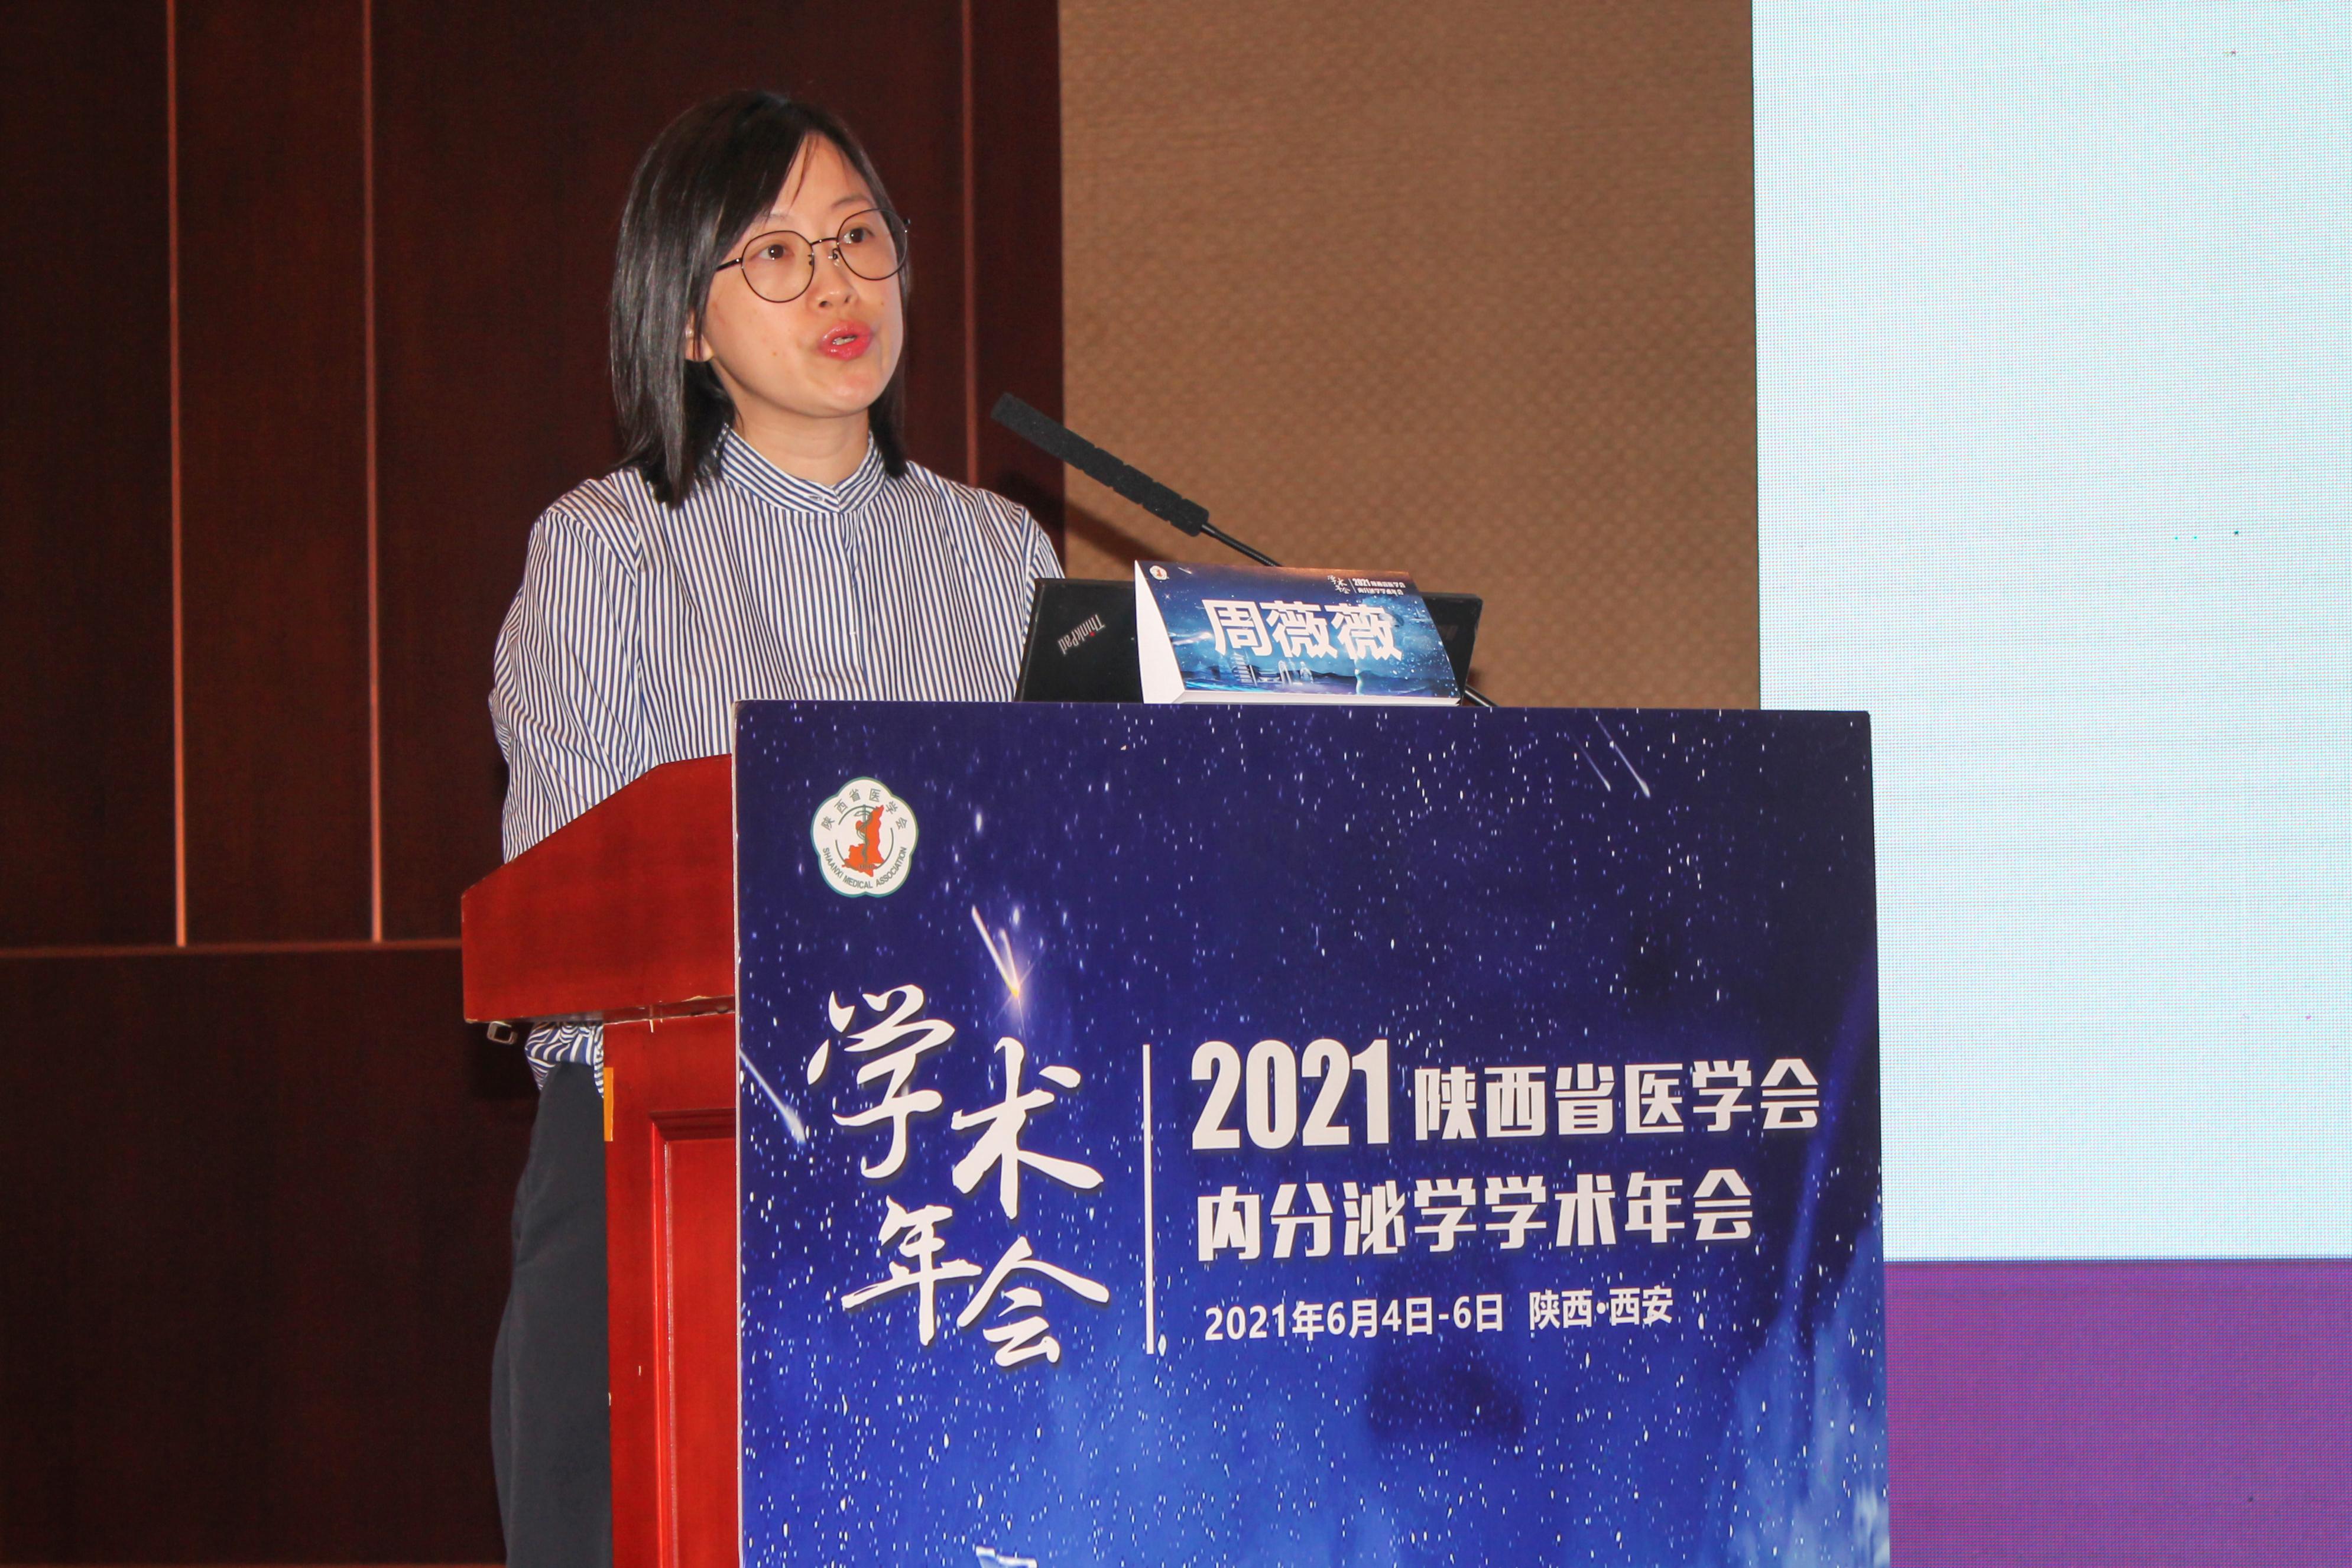 西安高新医院承办的陕西省医学会内分泌学学术年会隆重召开